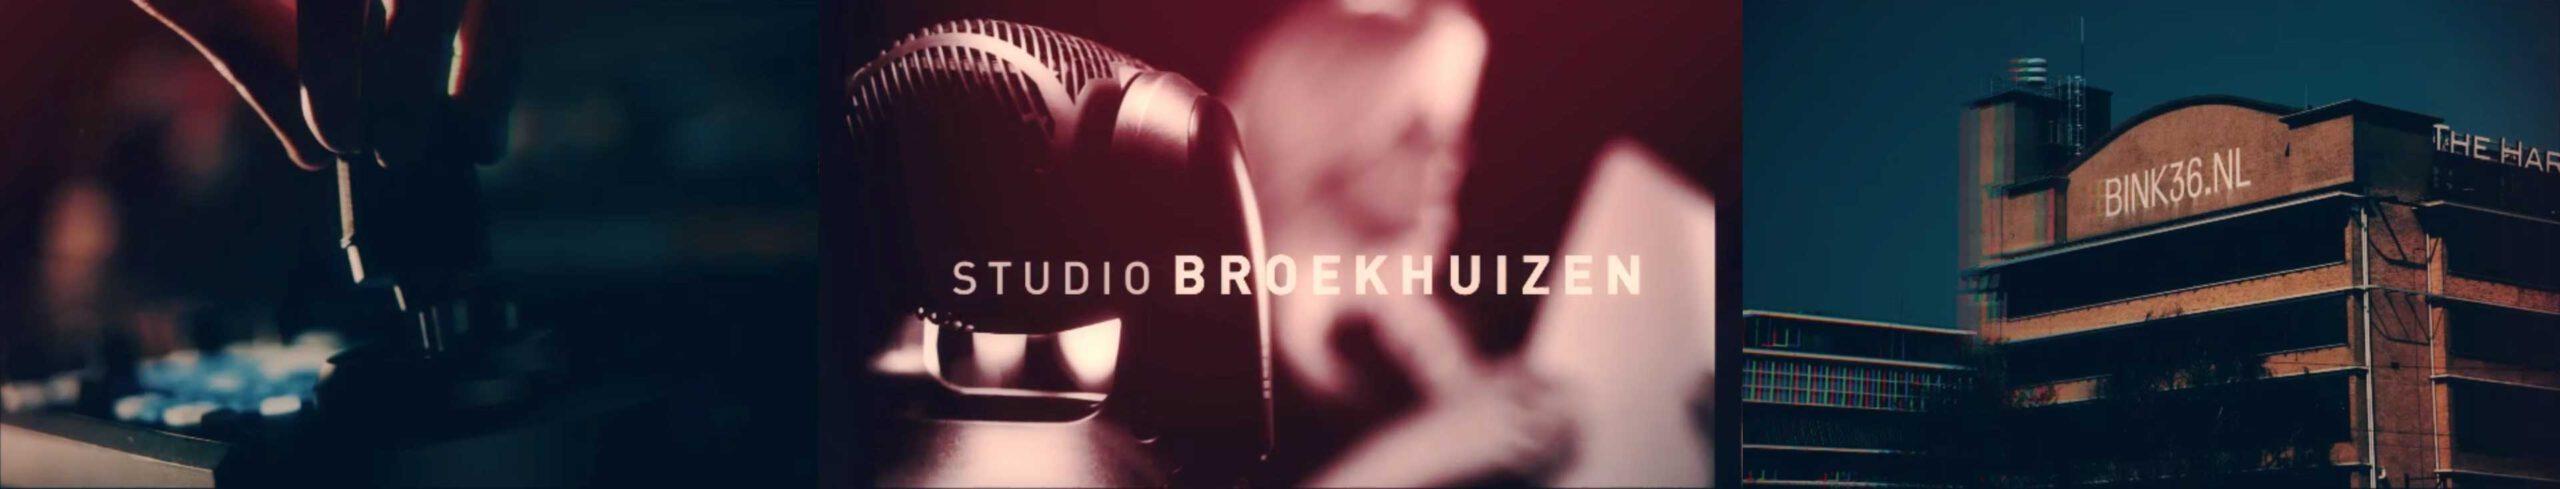 Bink36-live-studio